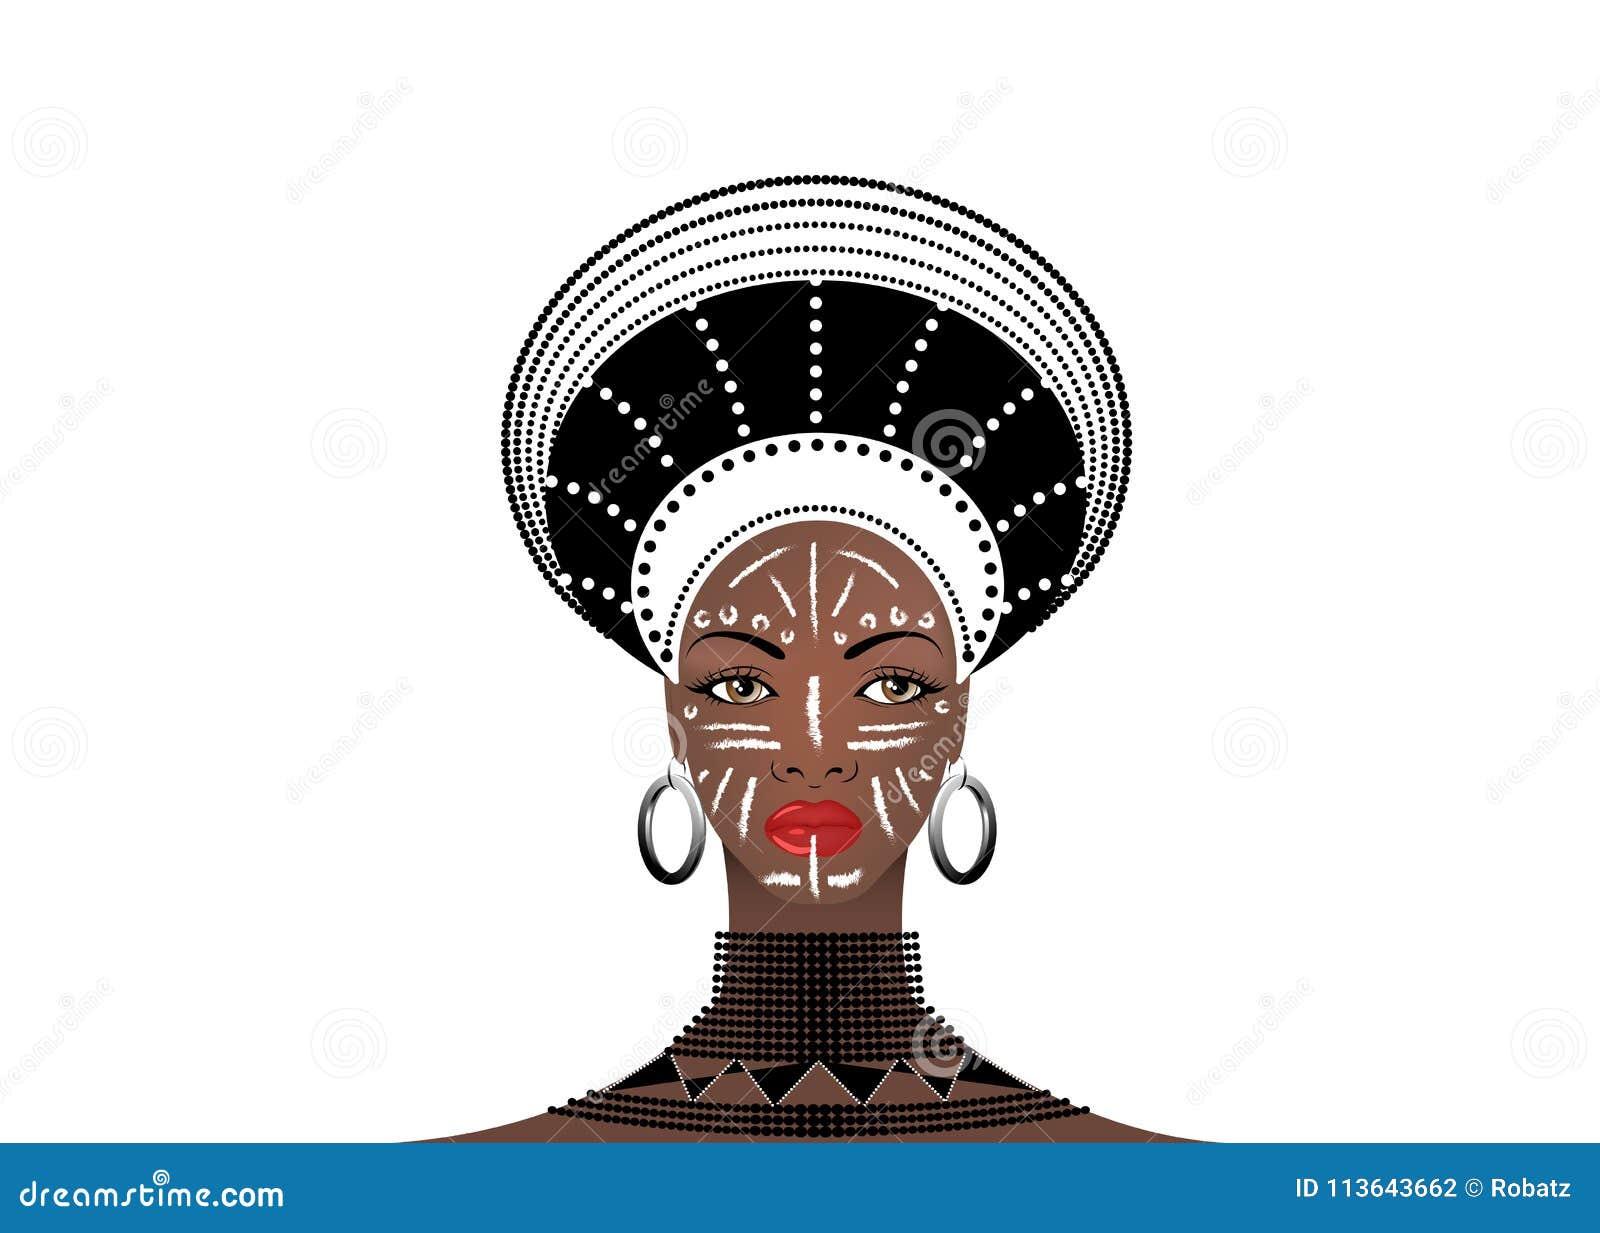 Afrykańskiego plemienia Odzieżowy Żeński zulu, portret śliczni południe - afrykańska kobieta Typowa odzież dla zamężnych kobiet,